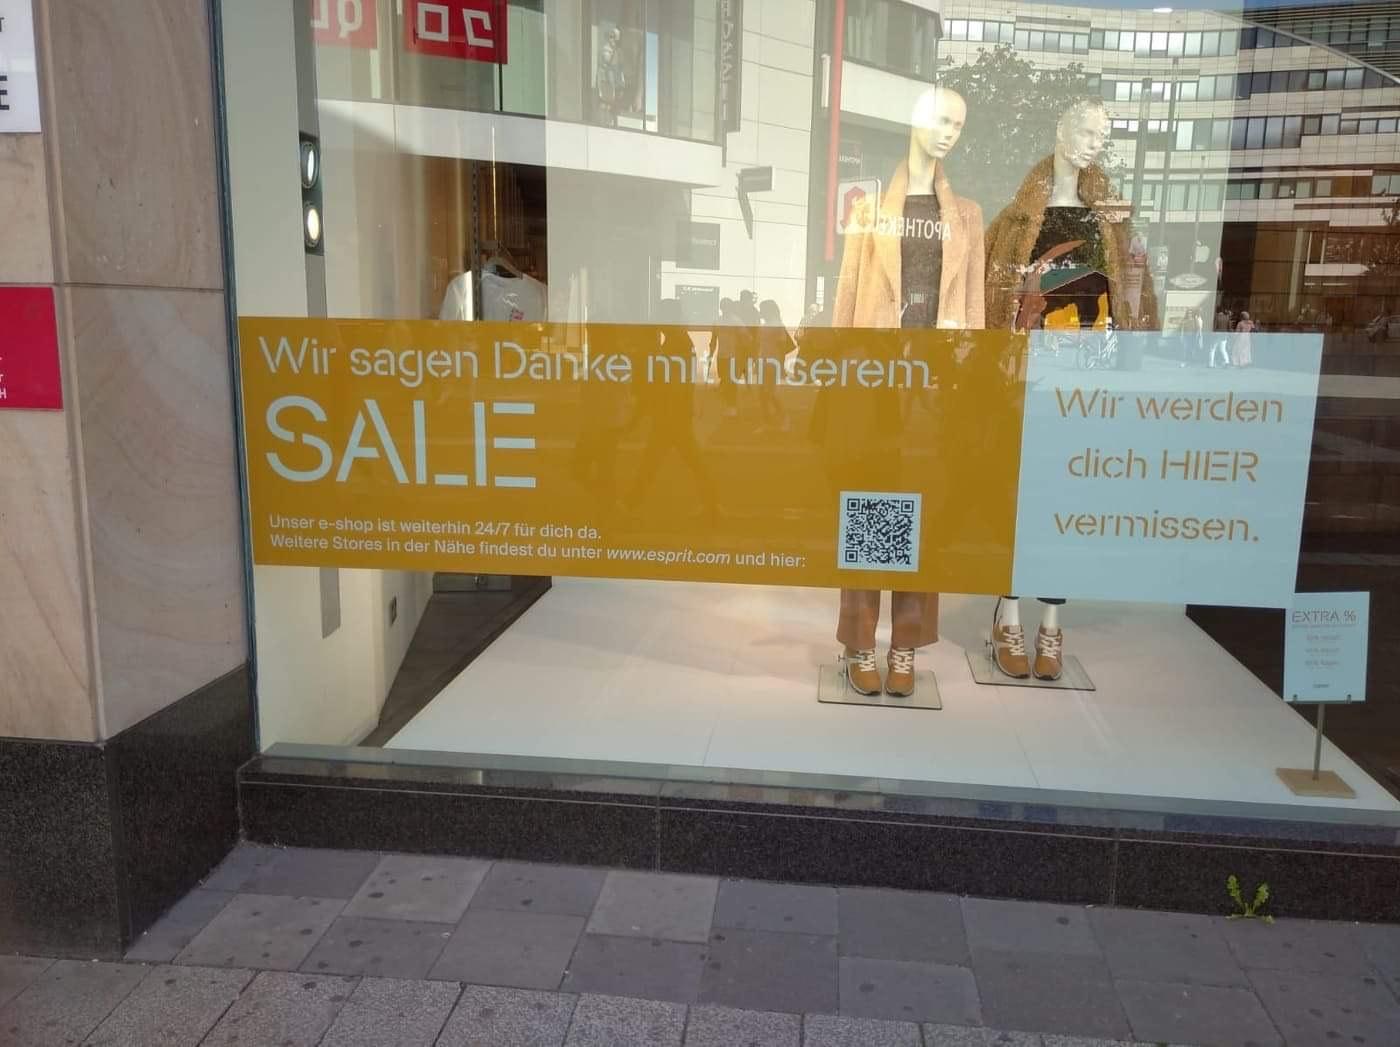 Closing Sale bei Esprit in Düsseldorf Schadow Arkaden - Ab sieben Stück alles zum halben Preis